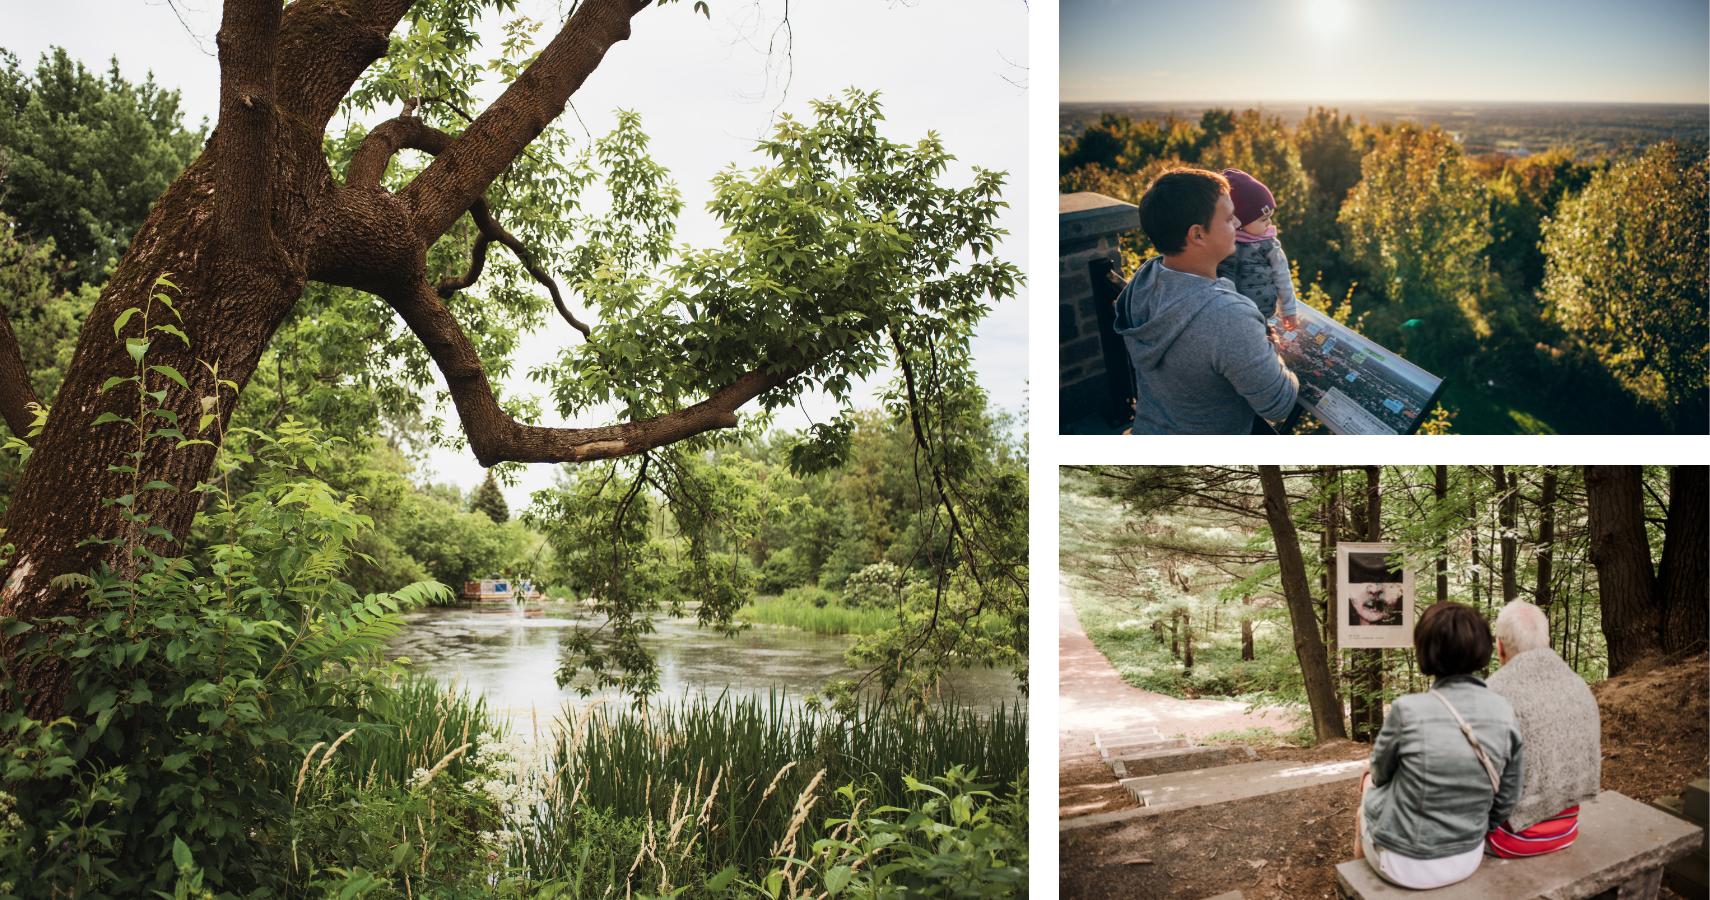 Une ville entourée de parcs accessibles et tout simplement magnifiques - Crédits photos : Les Maximes